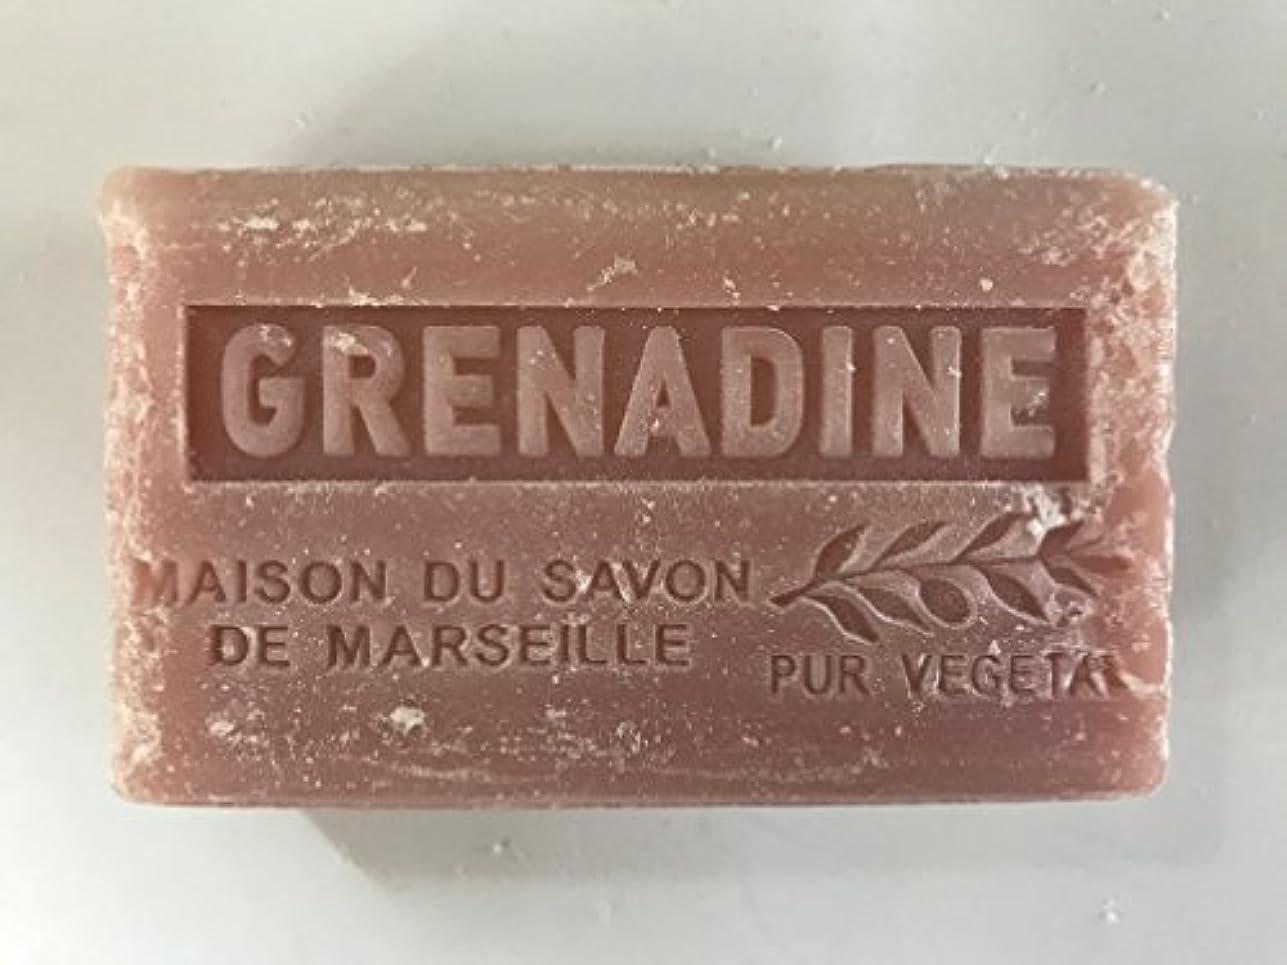 ディーラーメンター冷酷なSavon de Marseille Soap Grenadine Shea Butter 125g